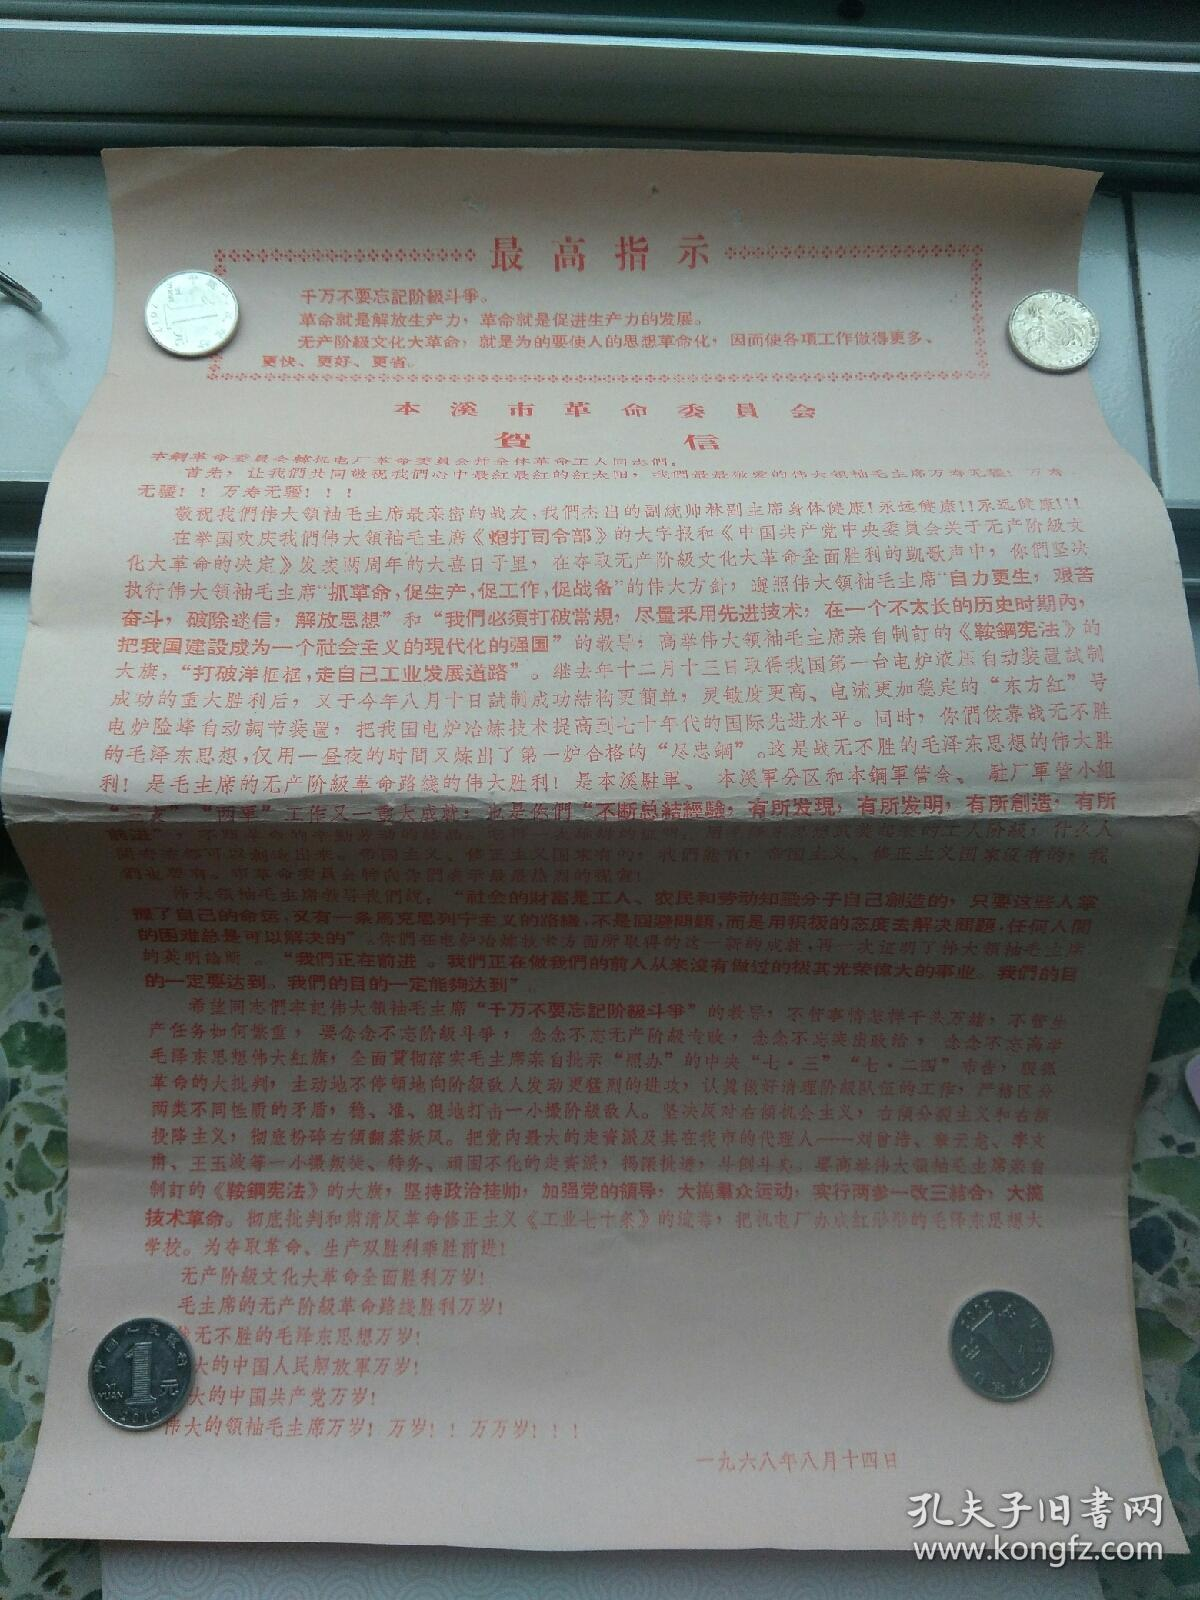 1968本溪市革委会向本钢转机电厂革委会并全体同志的贺信,……祝毛主席万寿无疆。祝林副主席永远健康。约8开。